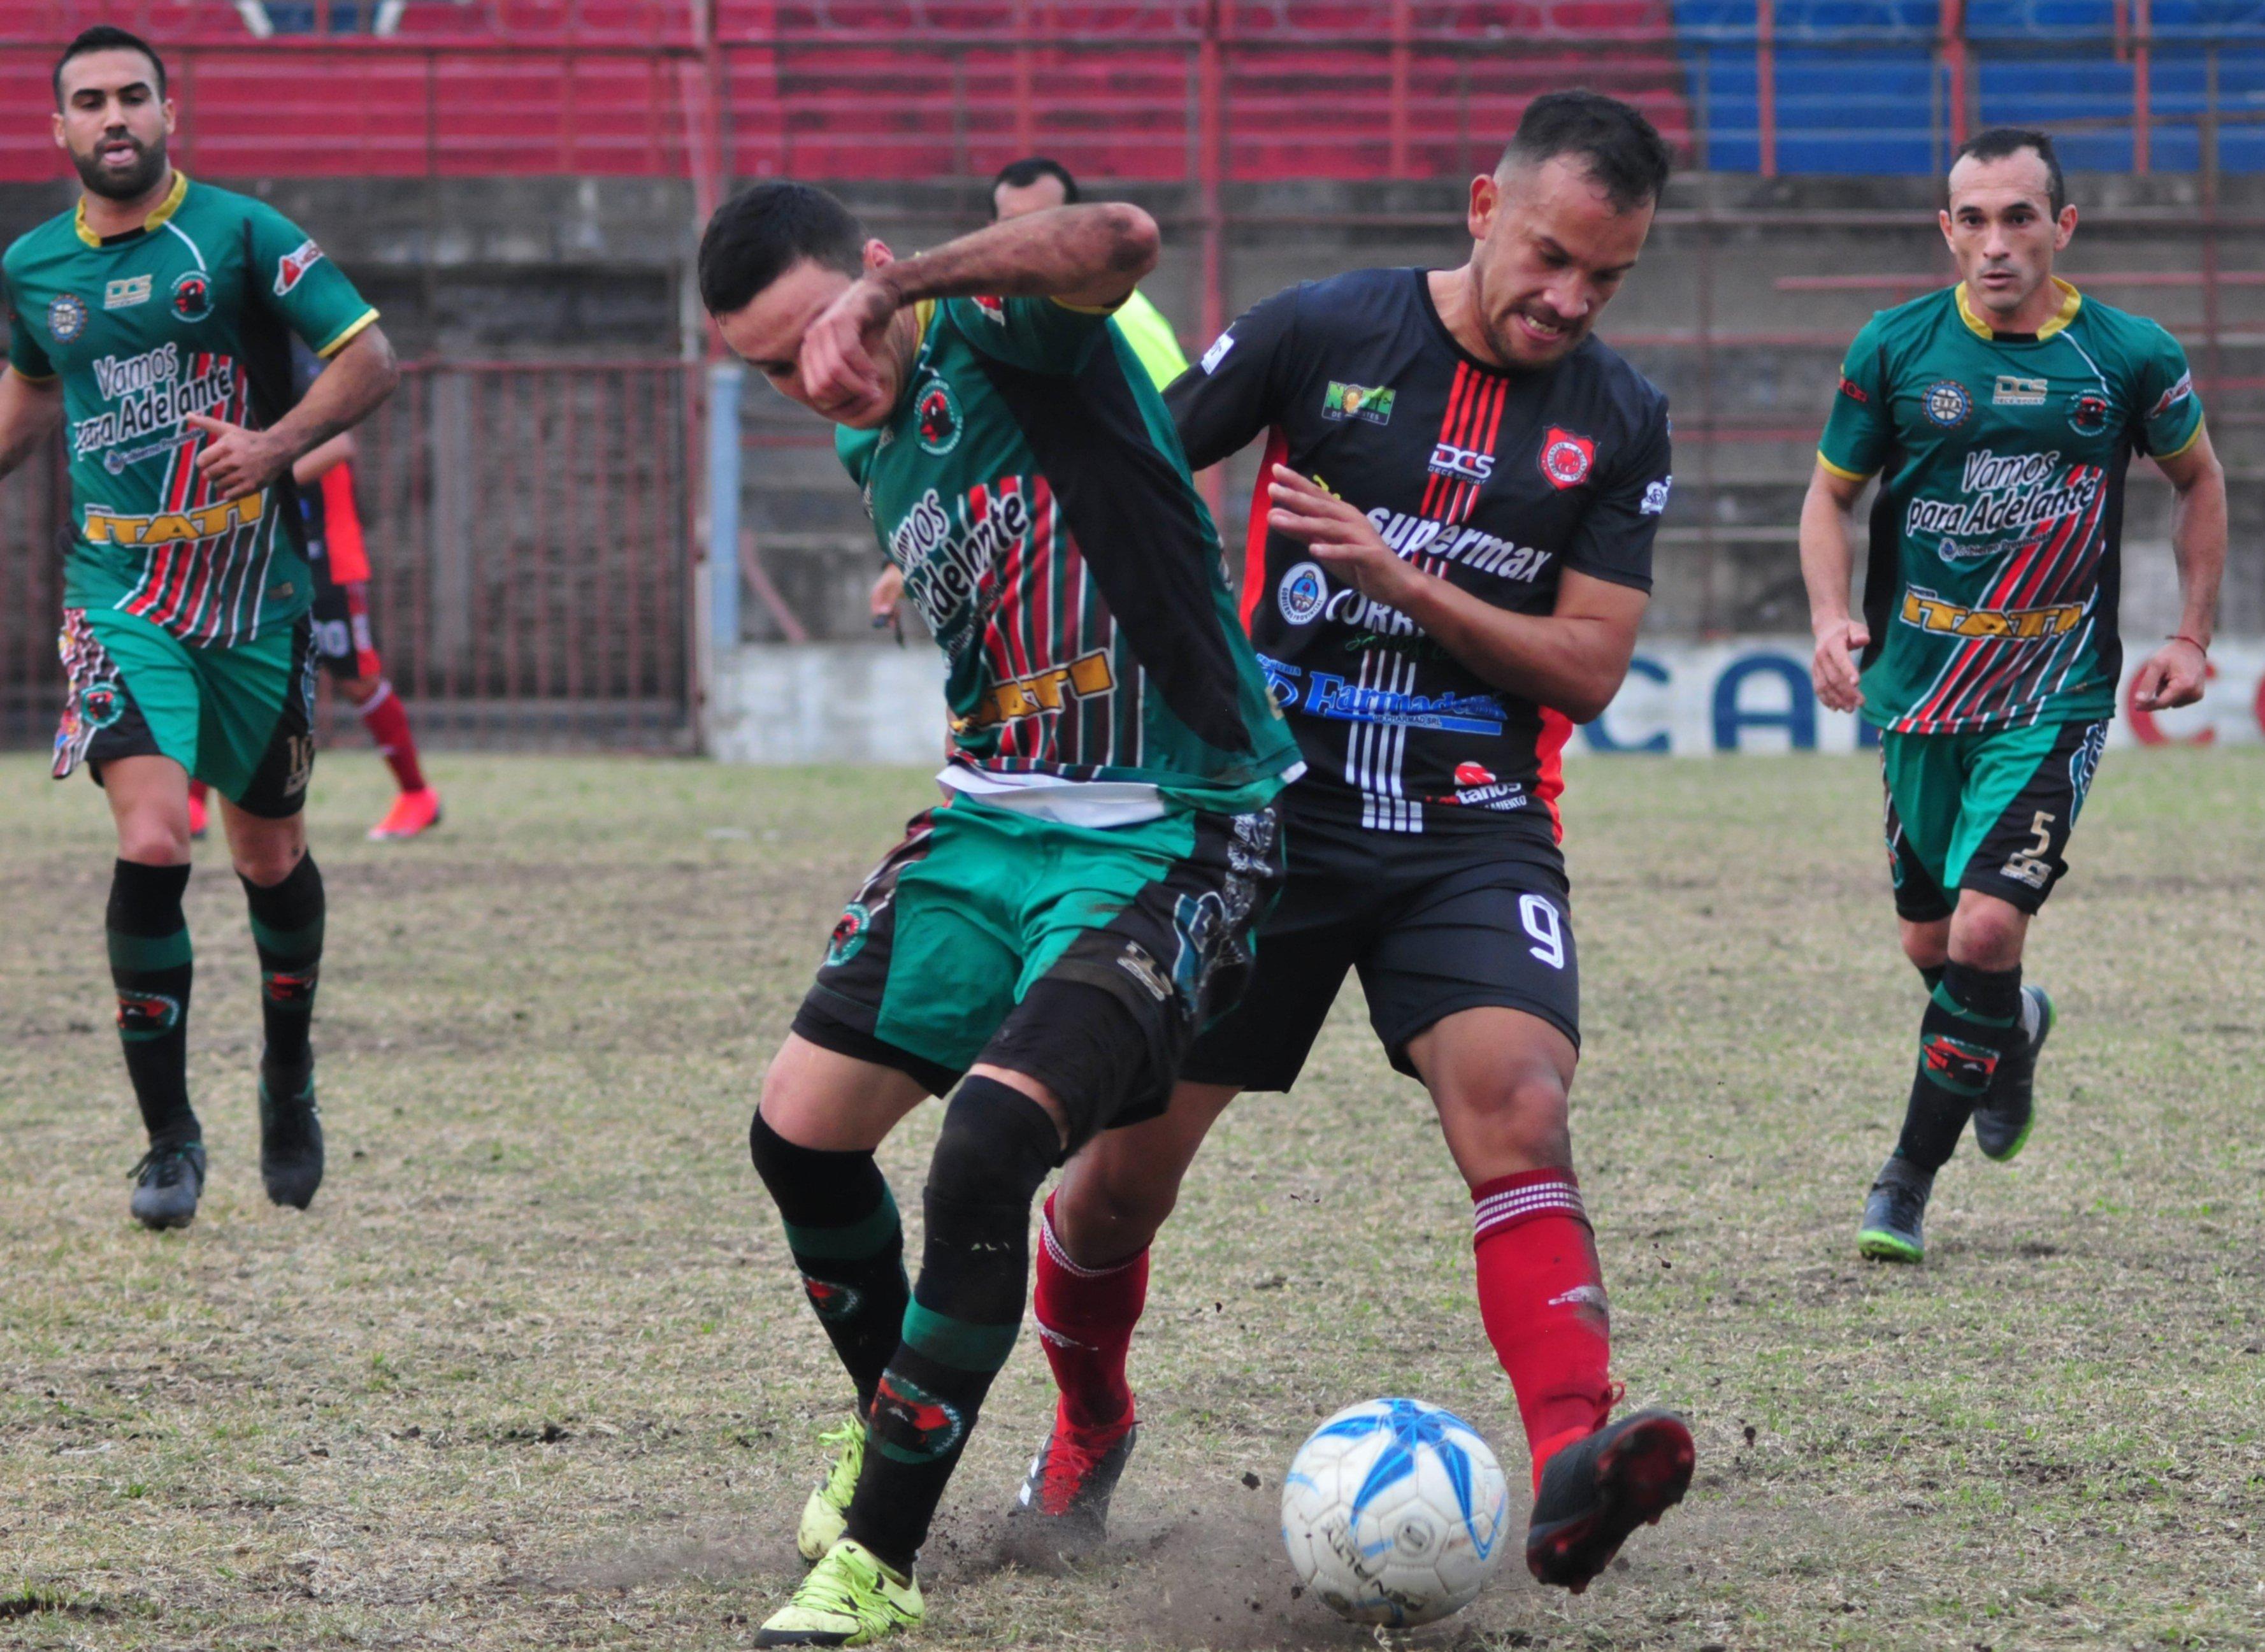 <p>Cuerpo a cuerpo. Acevedo y Valenzuela se disputan un balón durante el triunfo de Cambá Cuá sobre Ferroviario.</p>